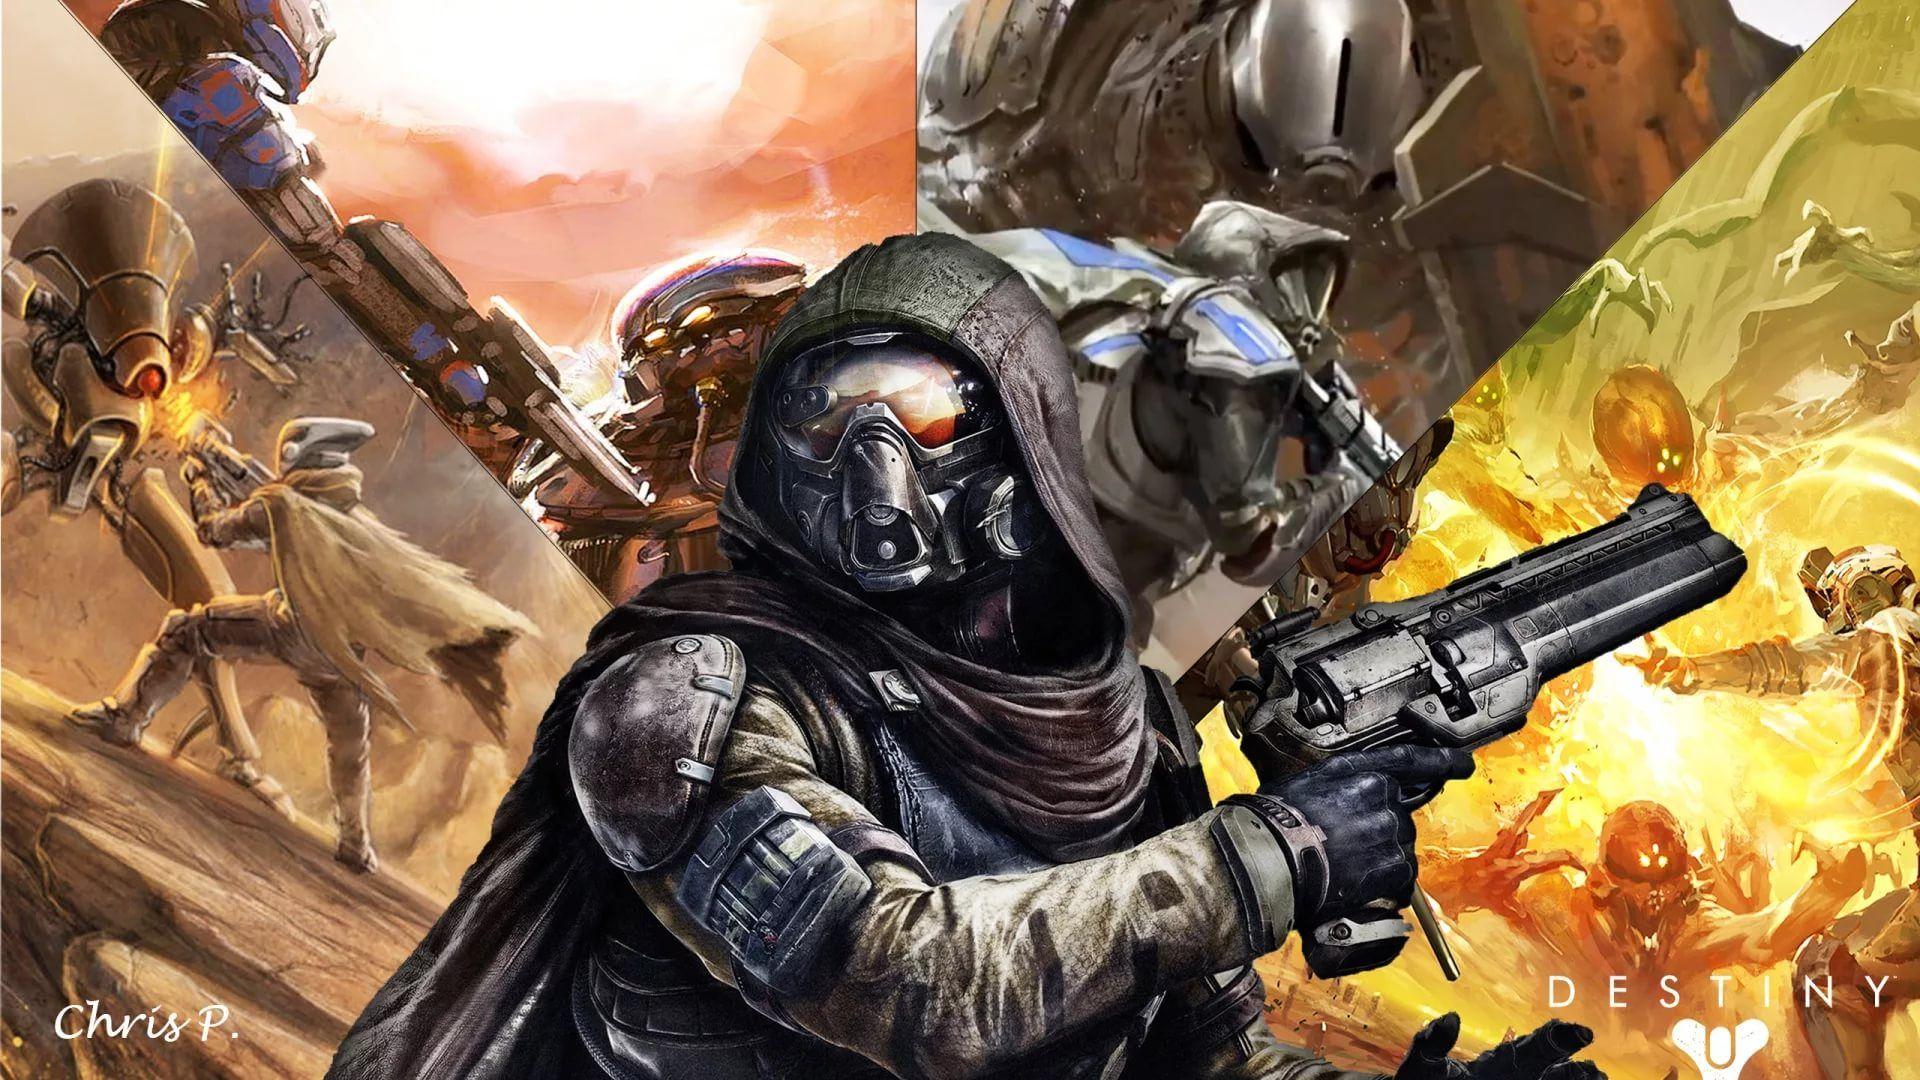 Destiny Hunter a wallpaper